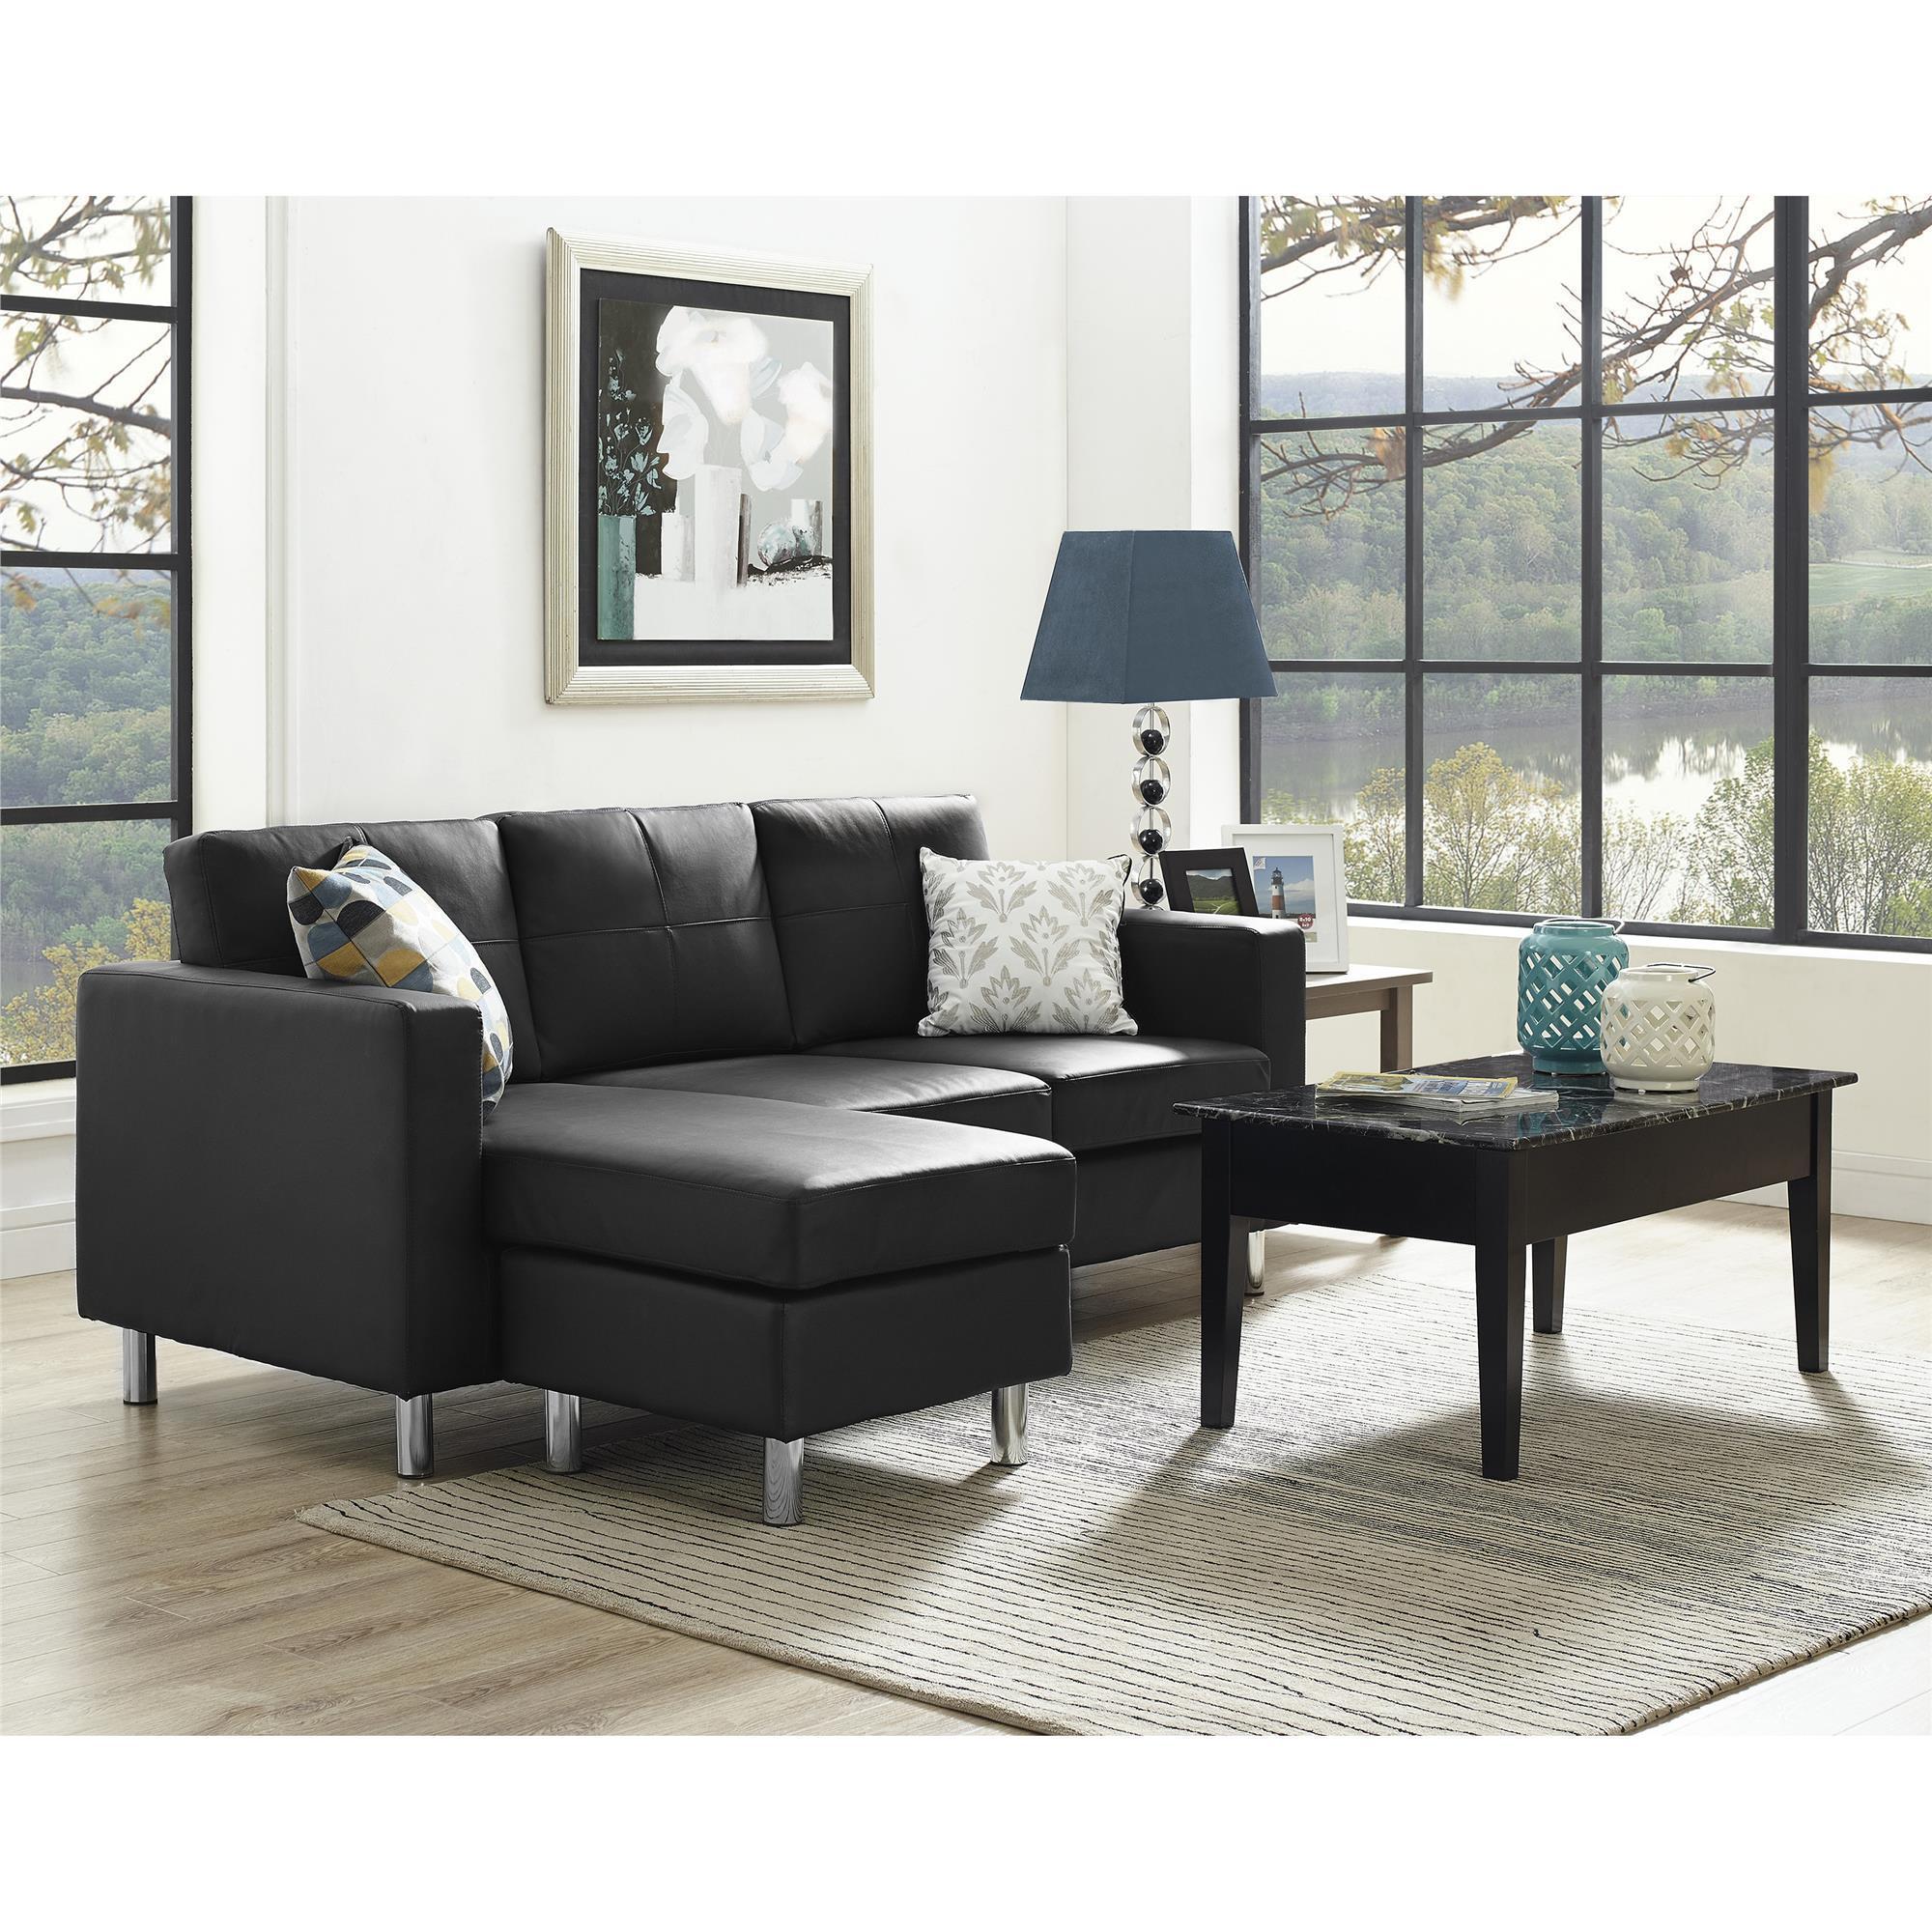 Shop Dorel Living Small Spaces Black Faux Leather Configurable